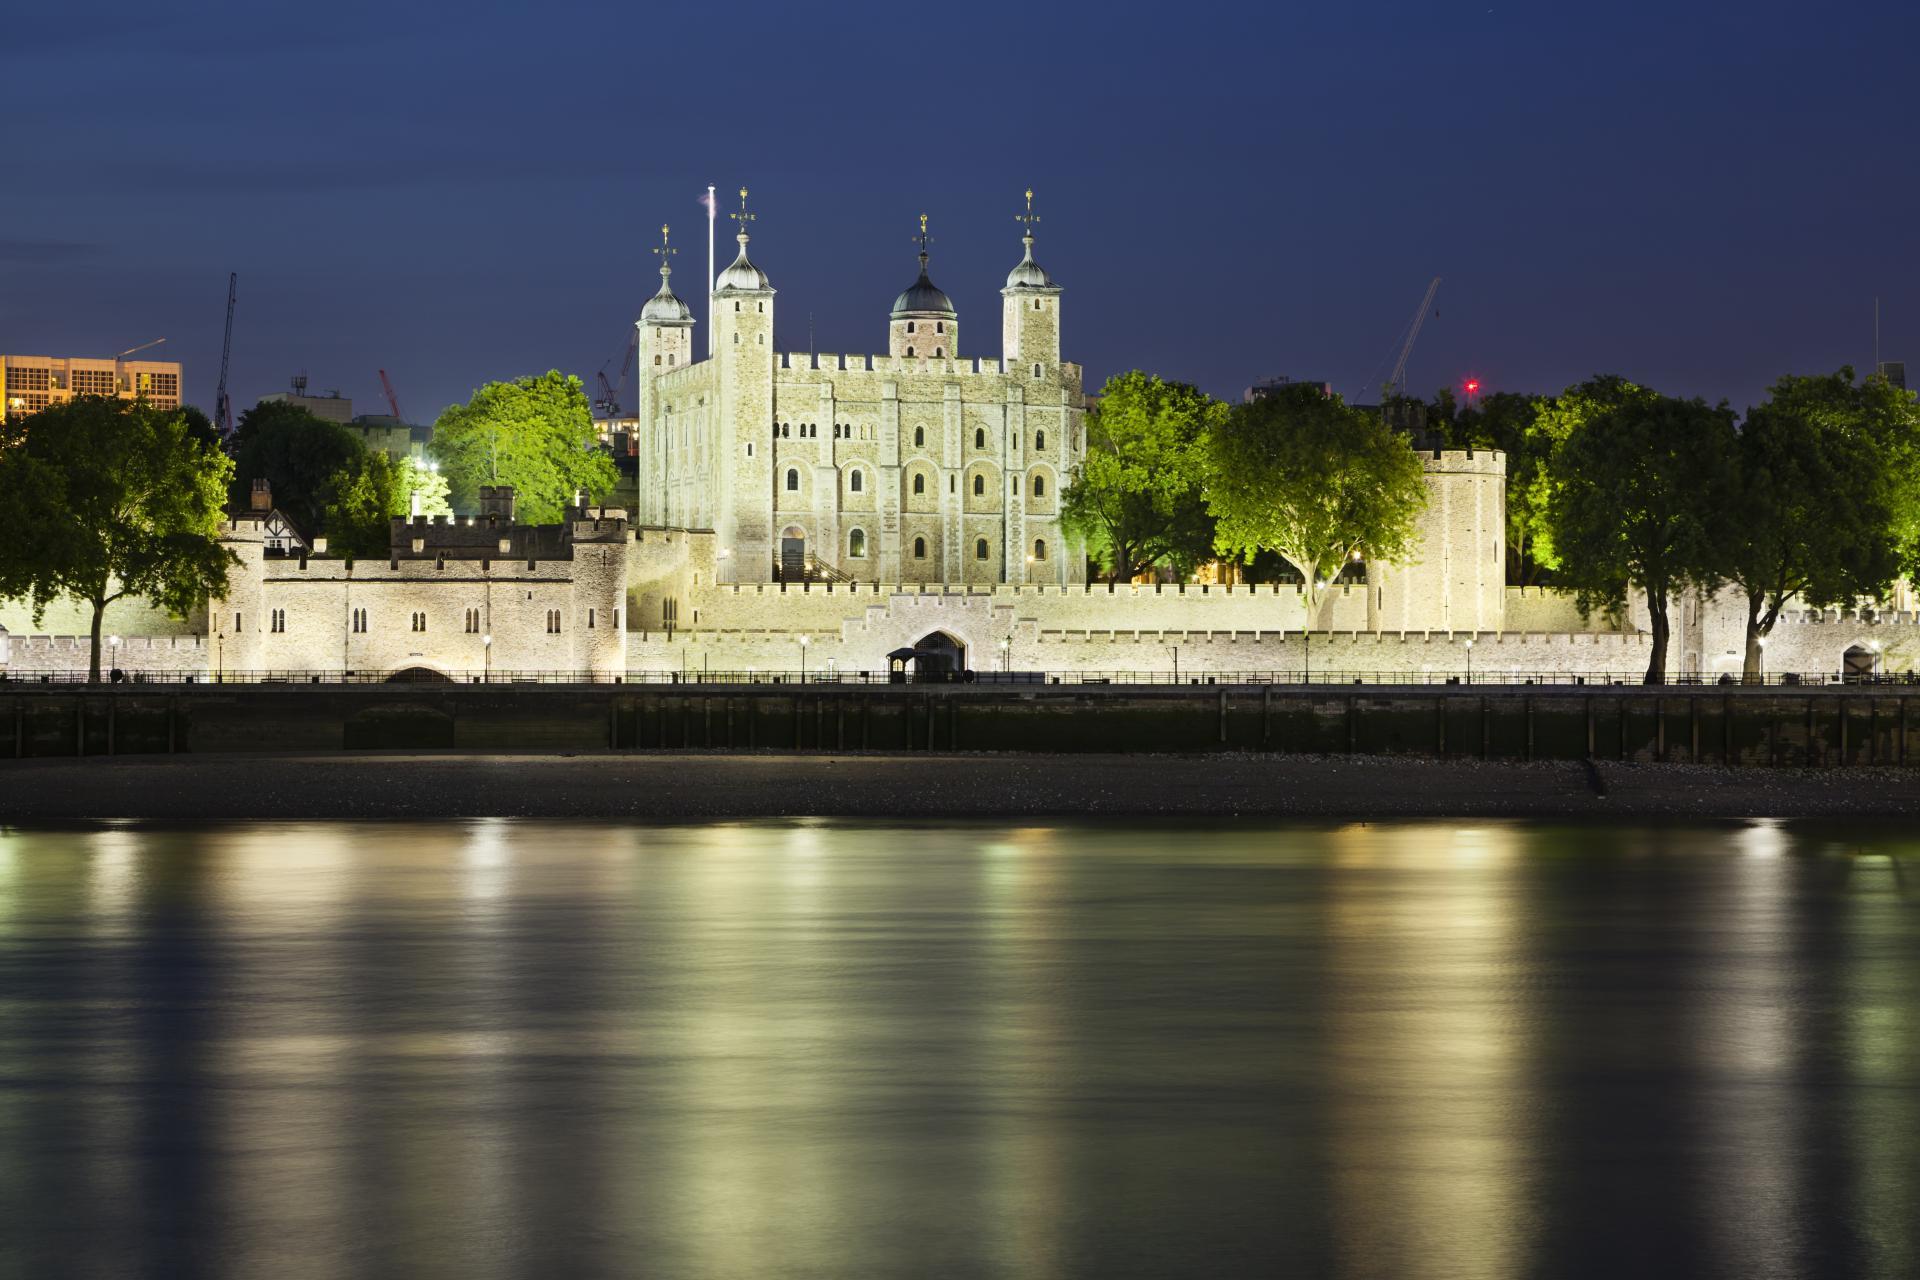 La torre de Londres por la noche